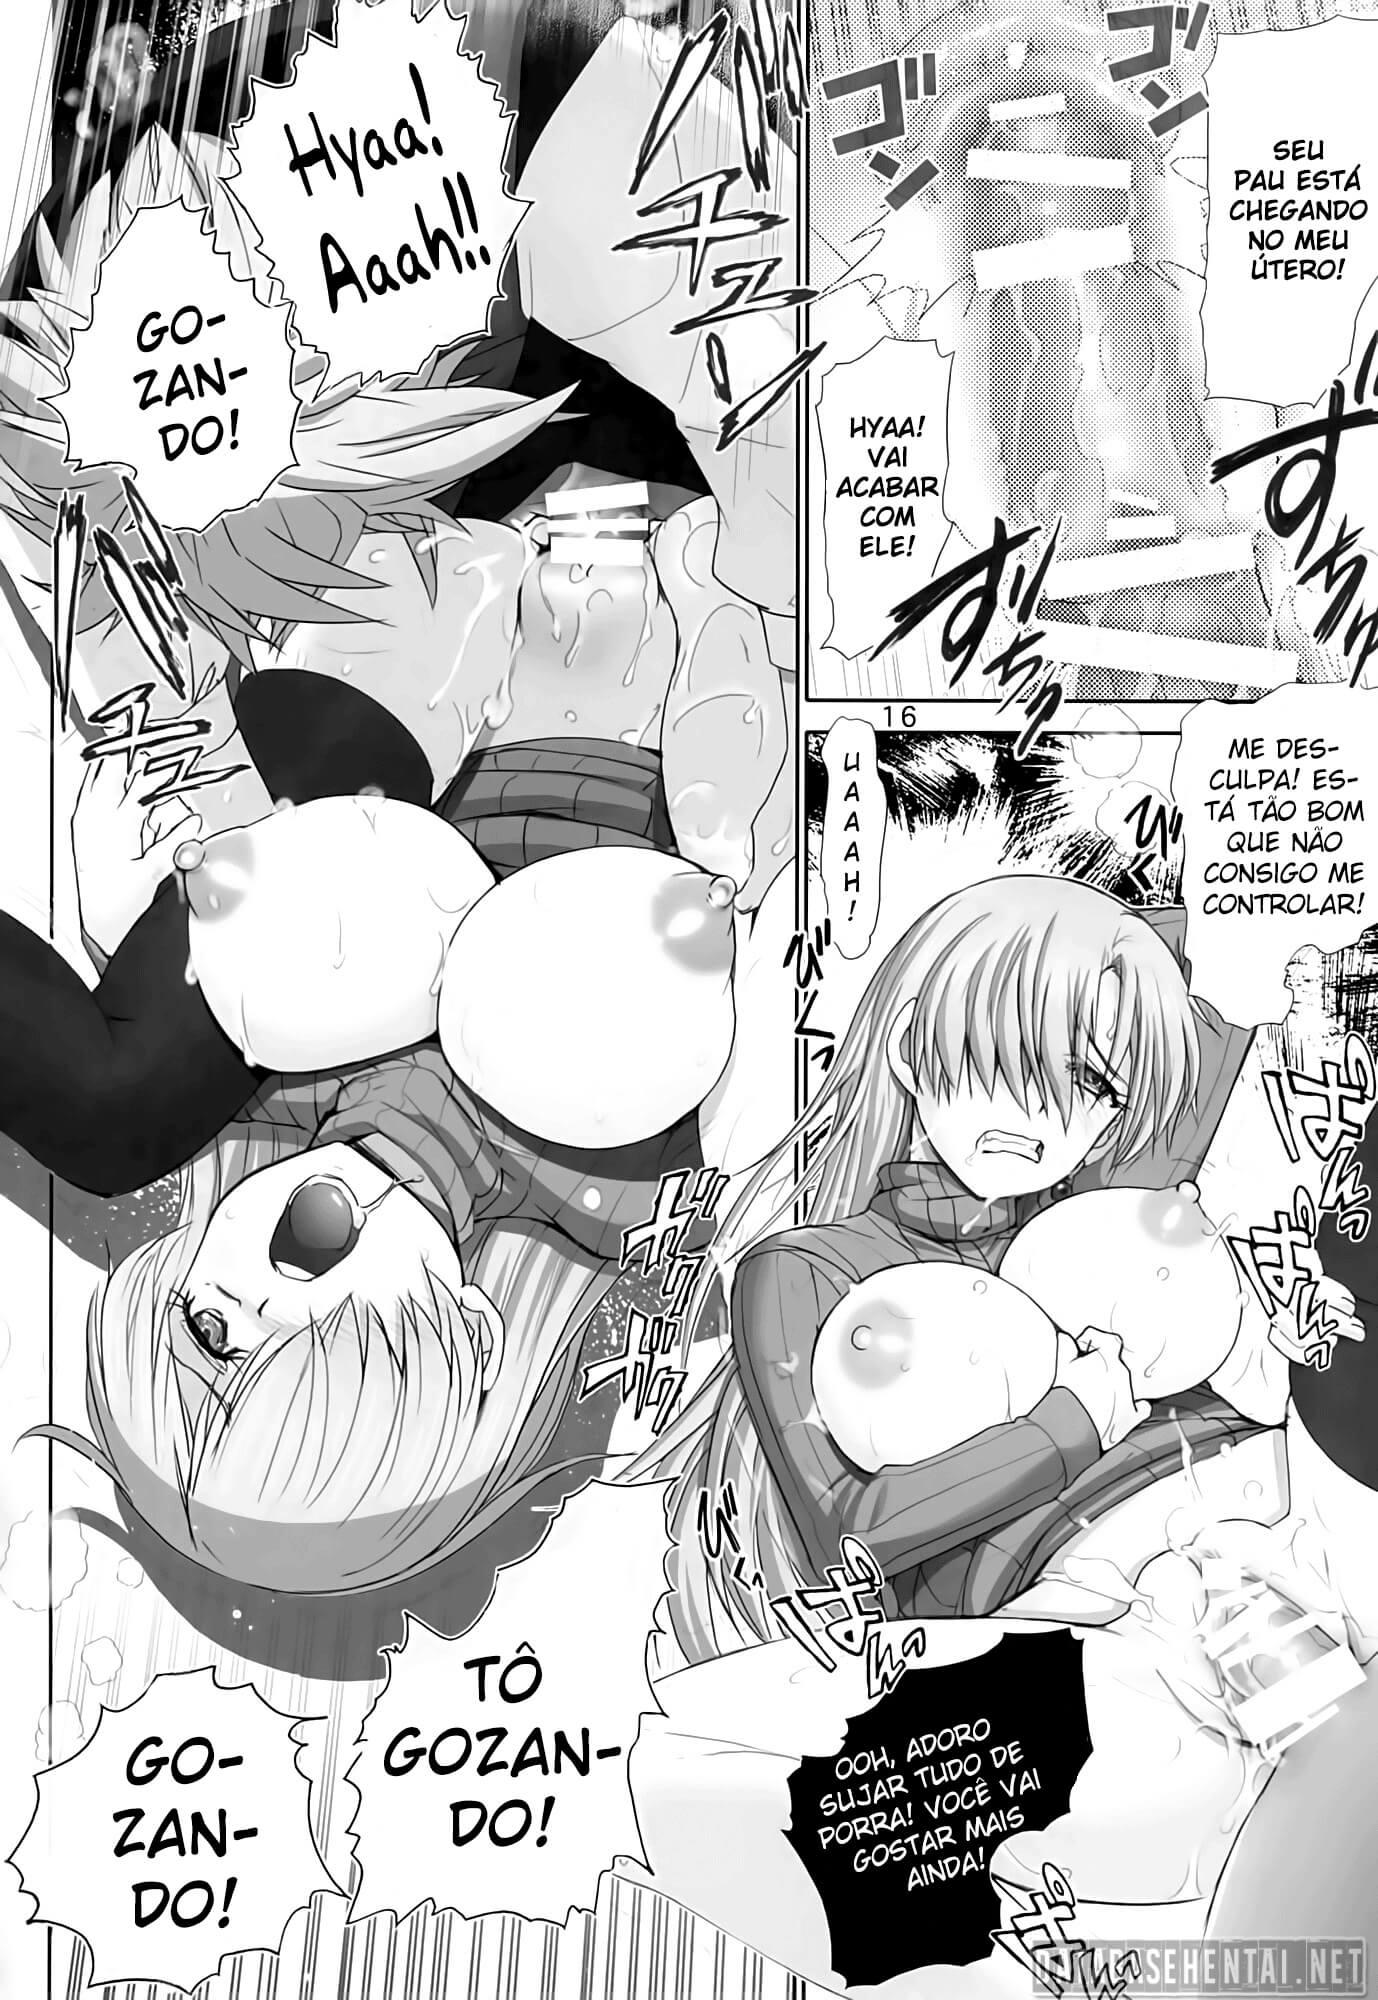 Elizabeth-à-pervertida-Nanatsu-no-Taizai-pornô-14